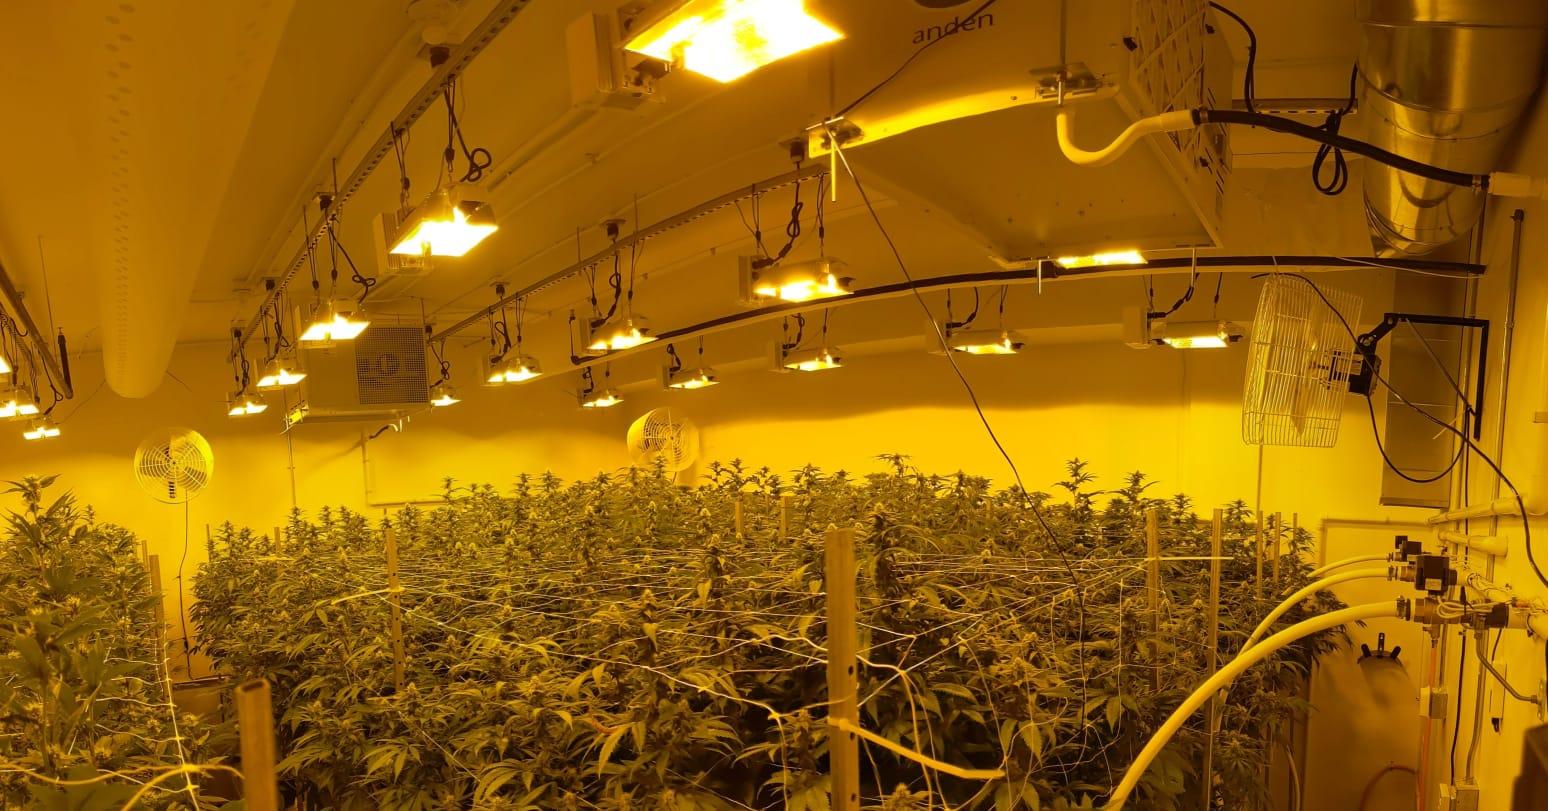 zero gravity cannabis cultivation